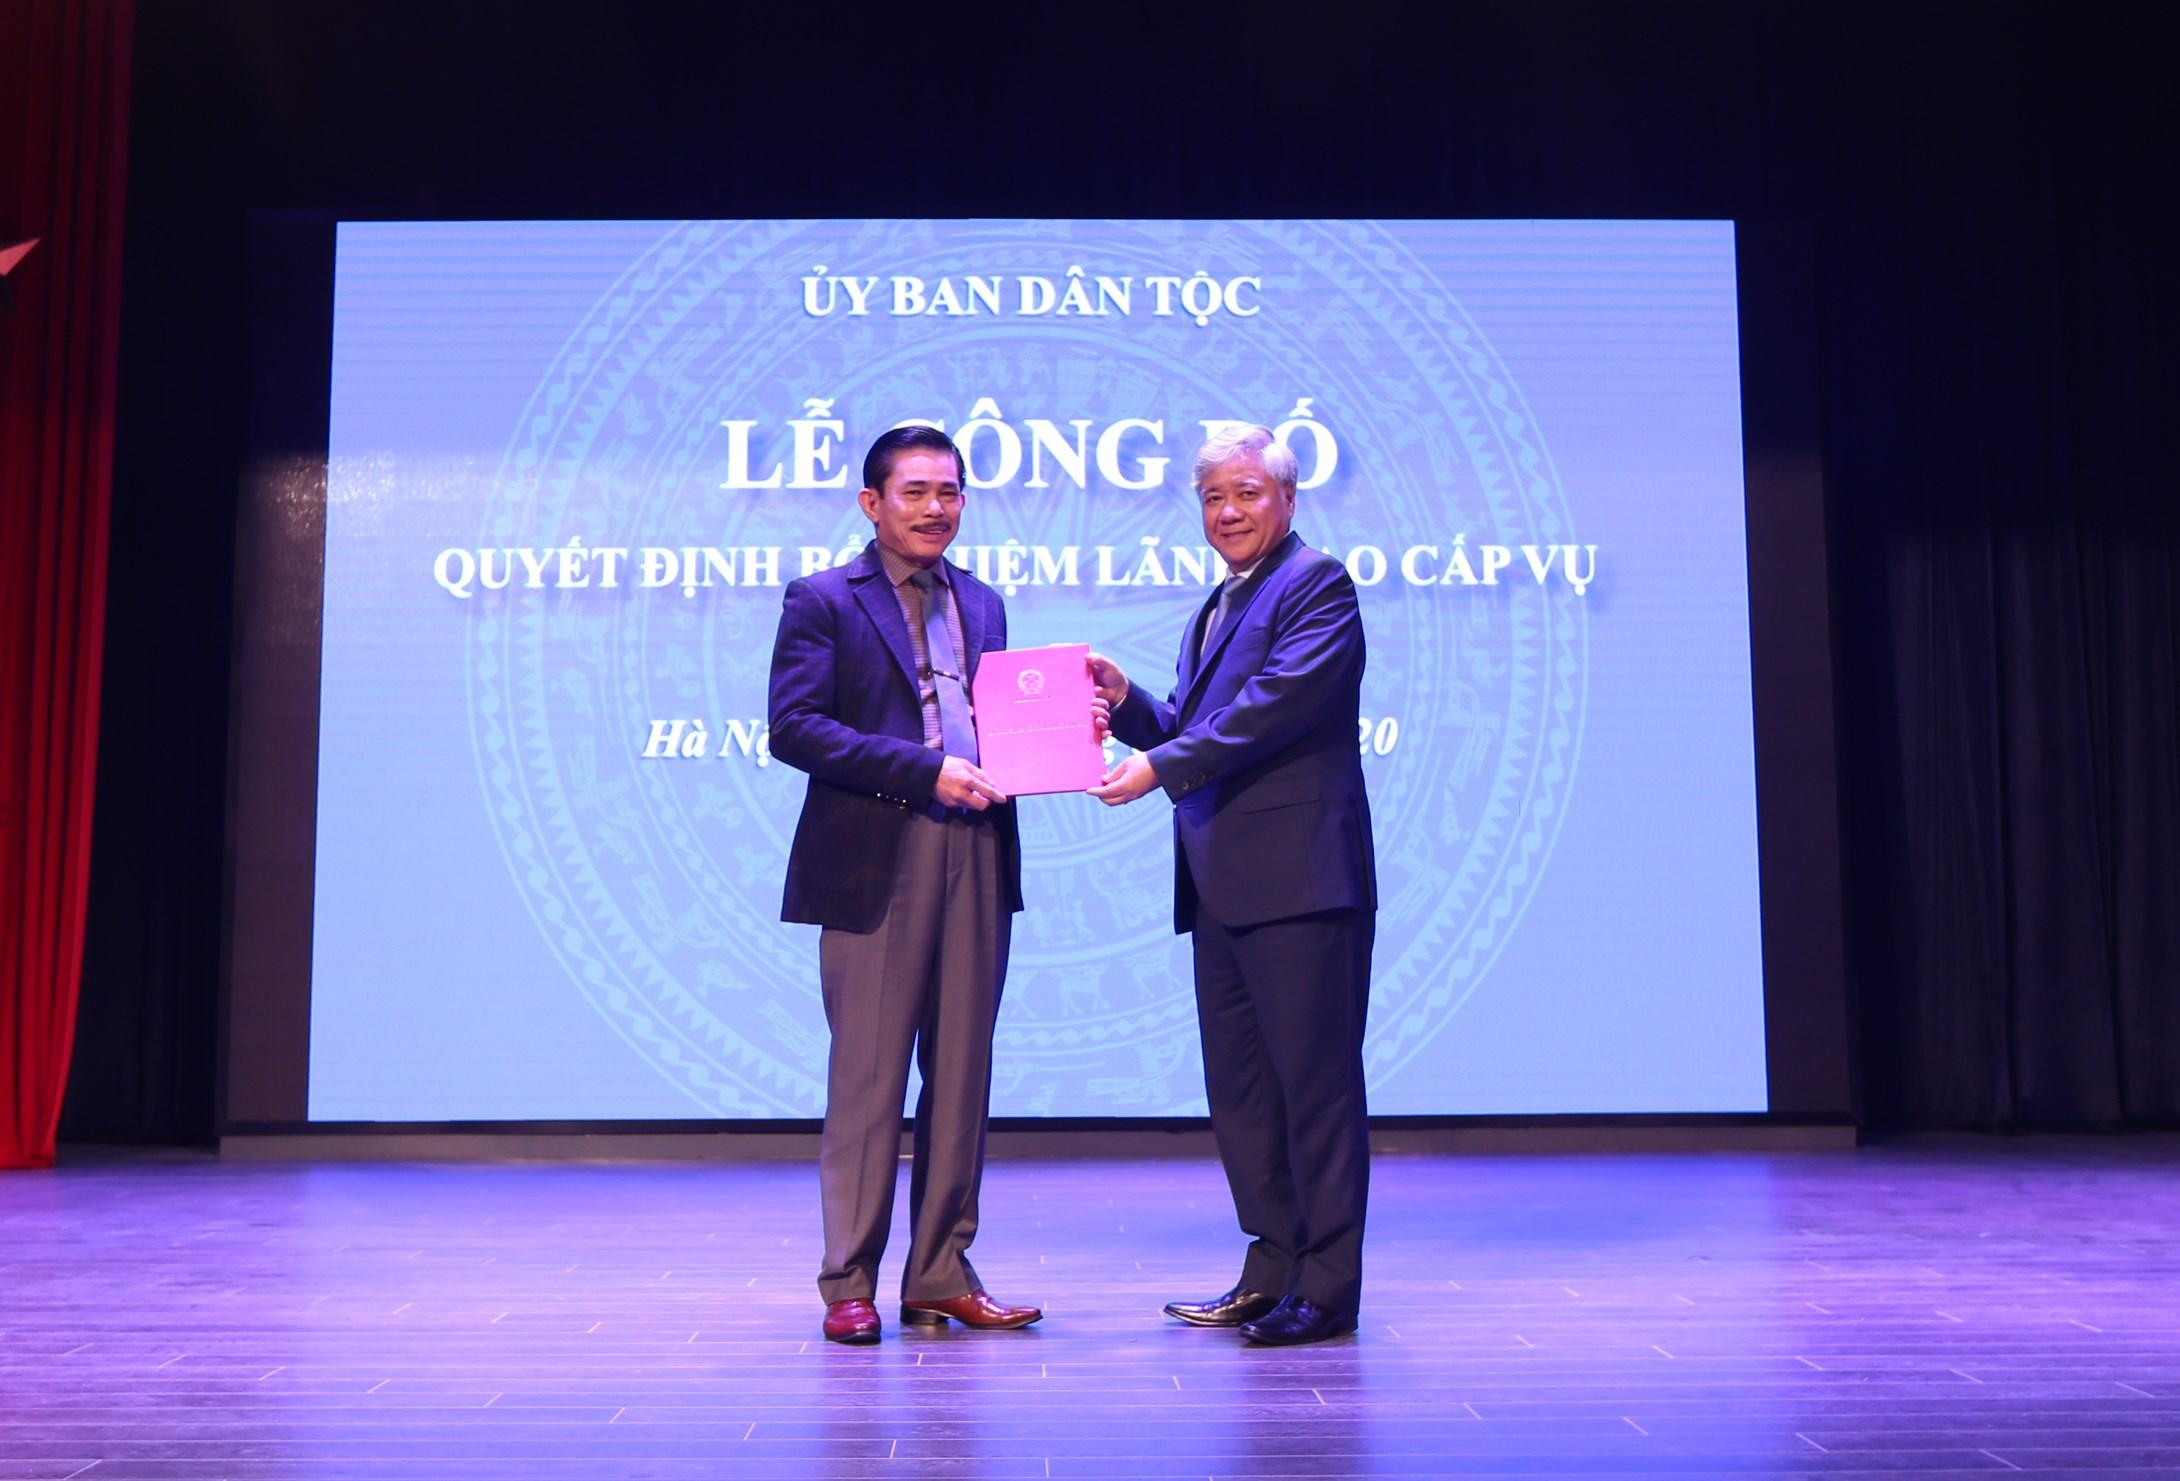 Bộ trưởng, Chủ nhiệm UBDT Đỗ Văn Chiến trao quyết định bổ nhiệm Tổng Biên tập Báo Dân tộc và Phát triển cho ông Lê Công Bình